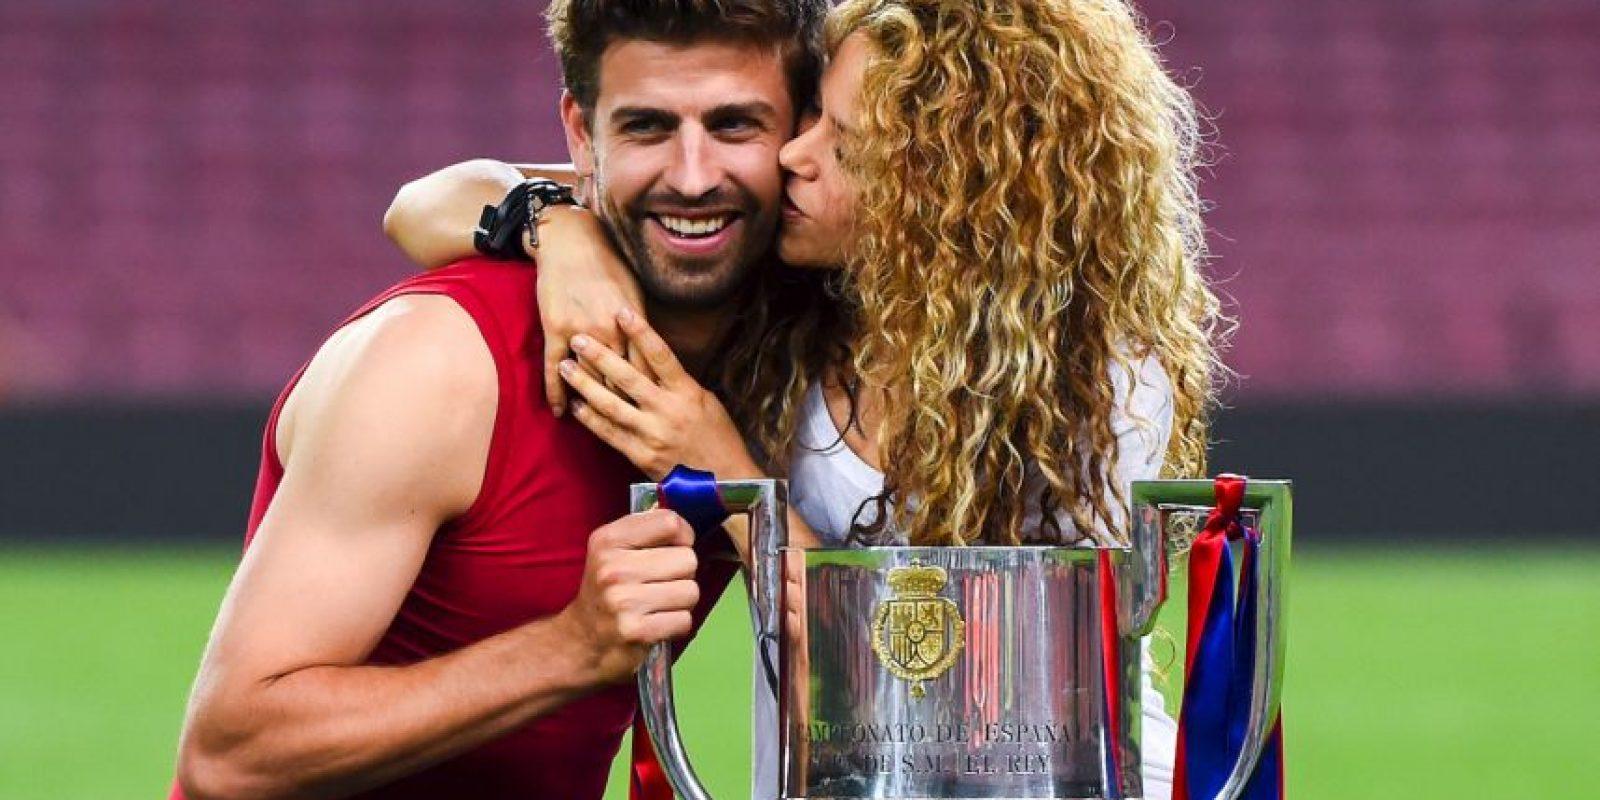 Shakira y Piqué son pareja desde 2010, aunque esto se hizo público en 2011. Foto:Getty Images